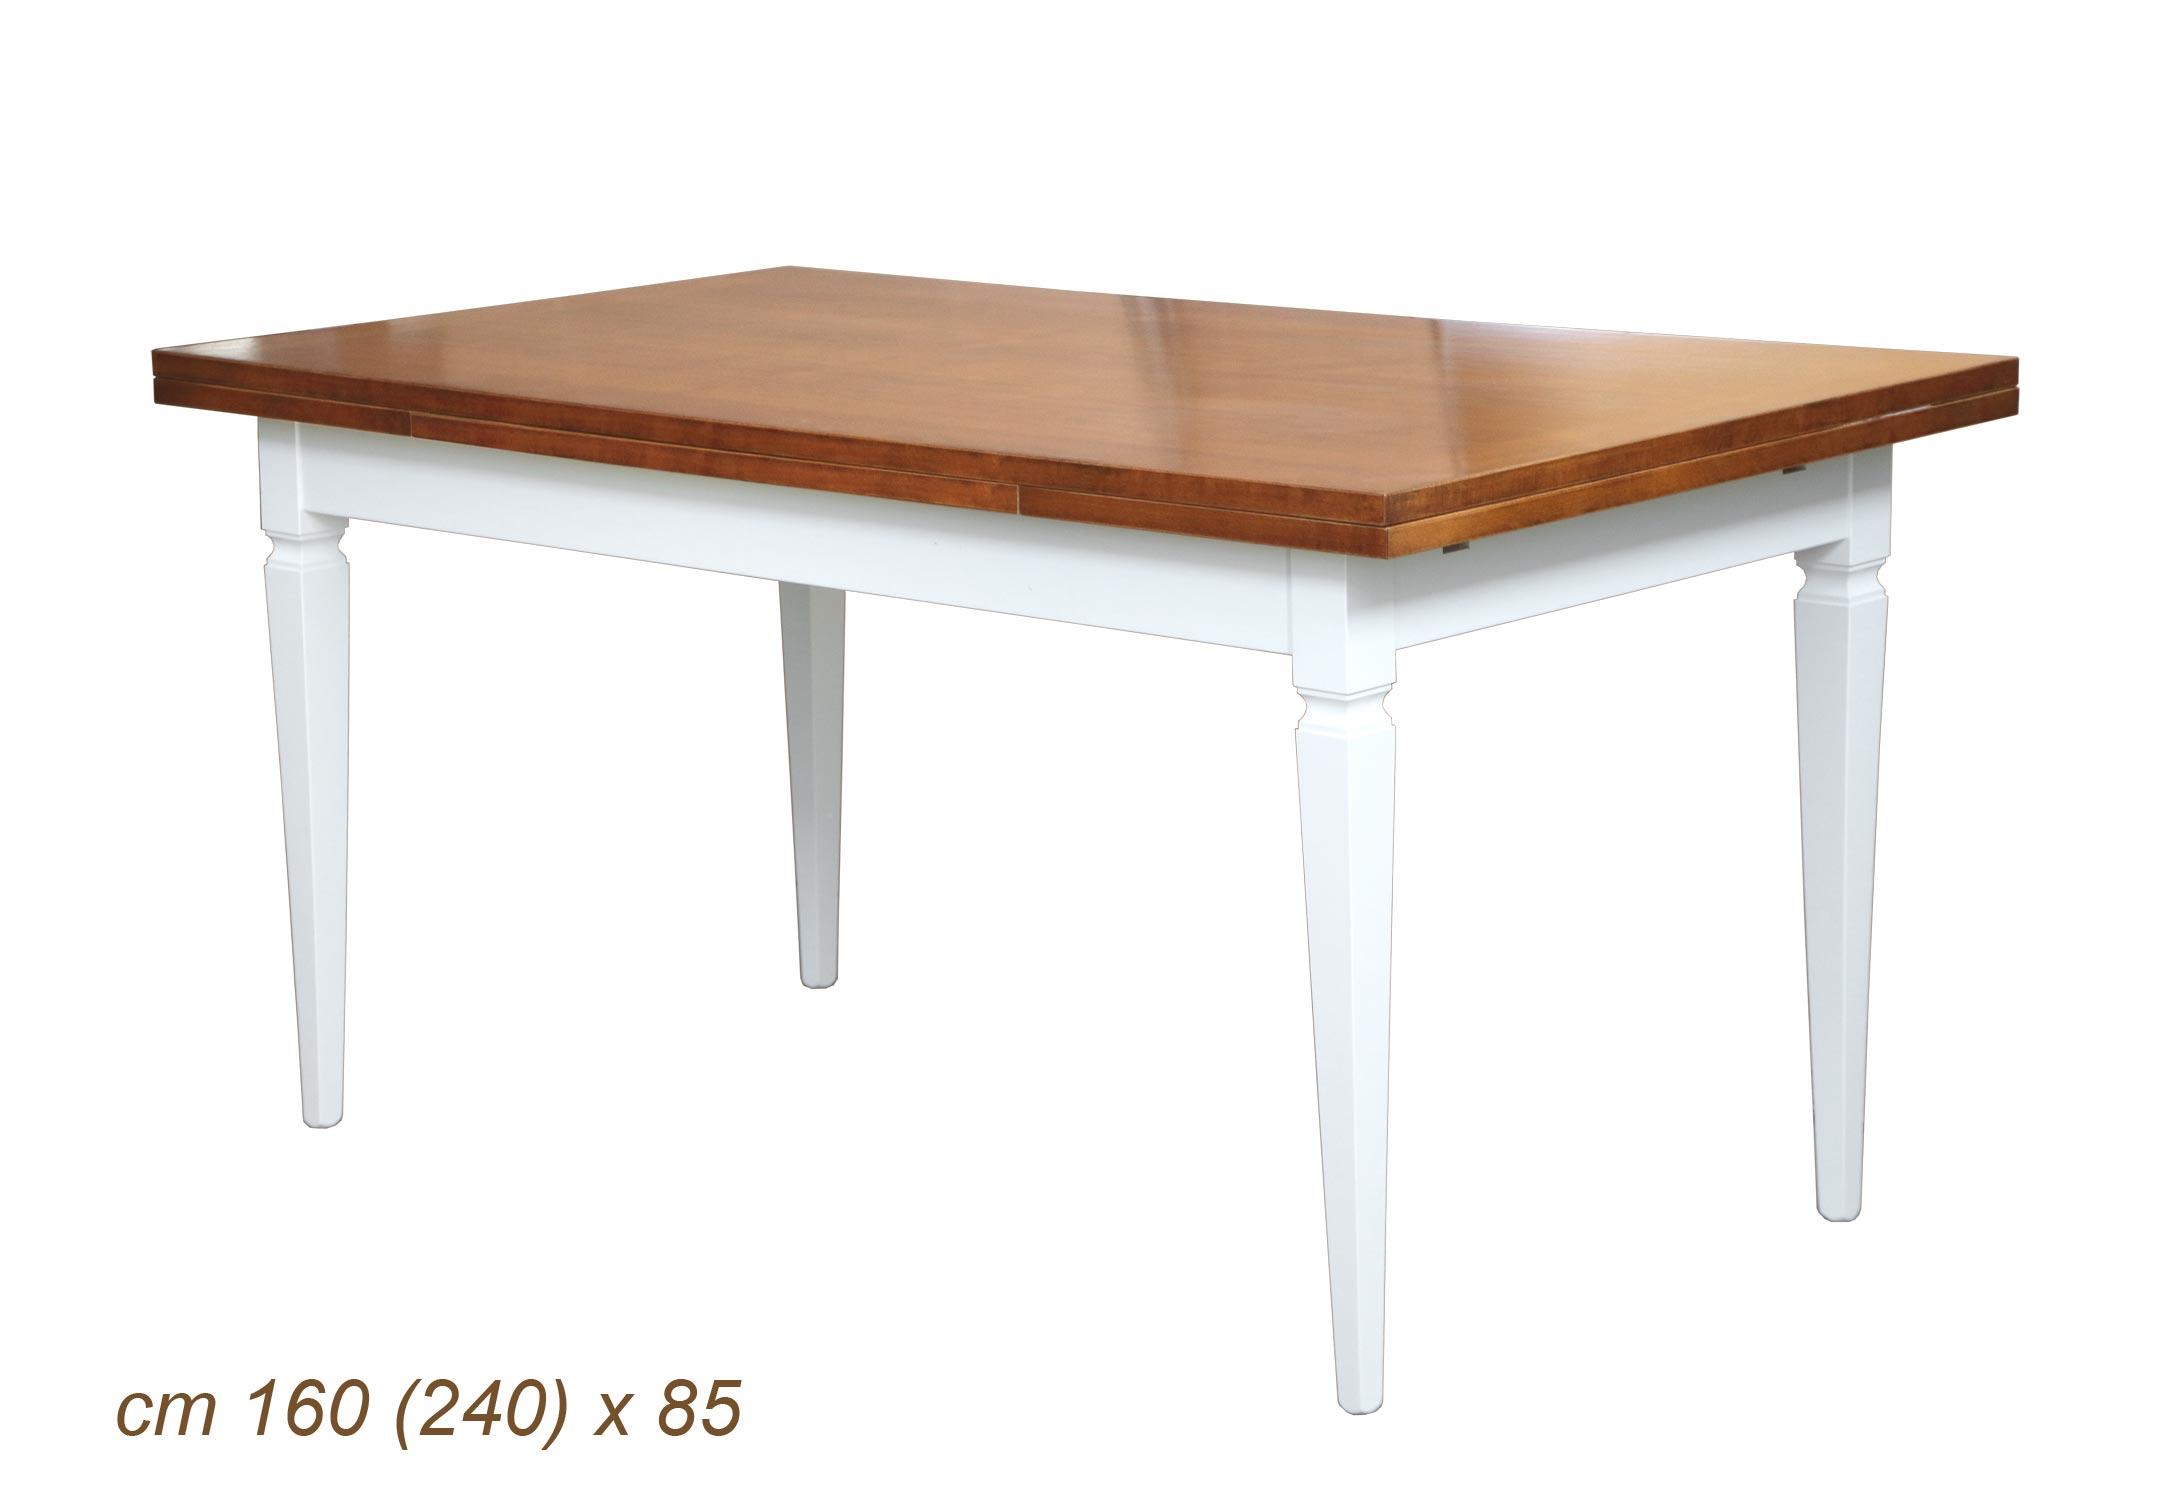 OFFERTA! - Tavolo rettangolare bicolore allungabile